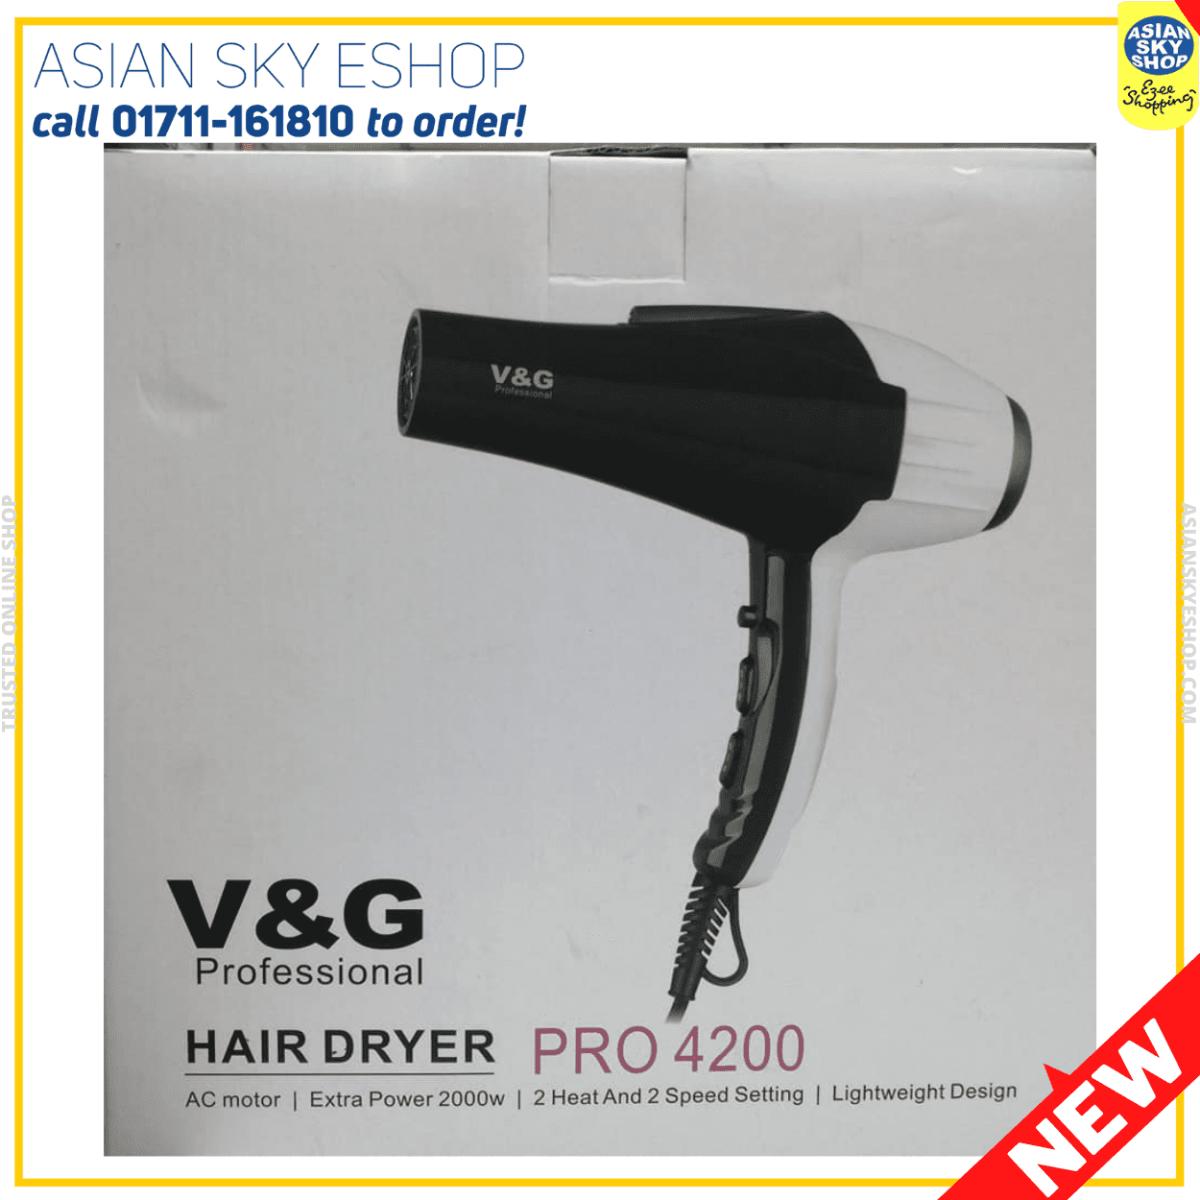 v&g Professional_Hair_Dryer